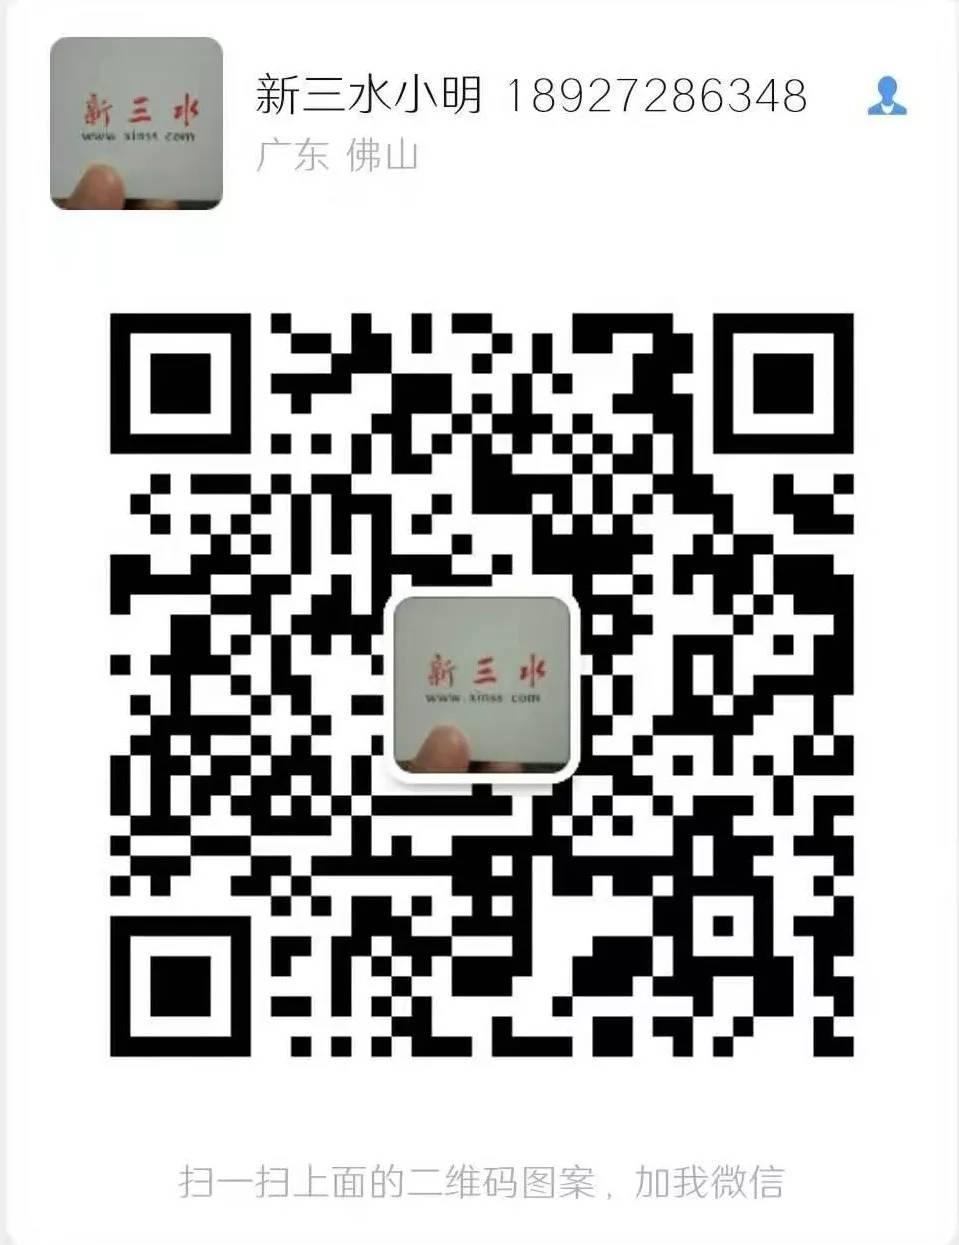 28c60ab610c136942b743d30445b7787.jpg